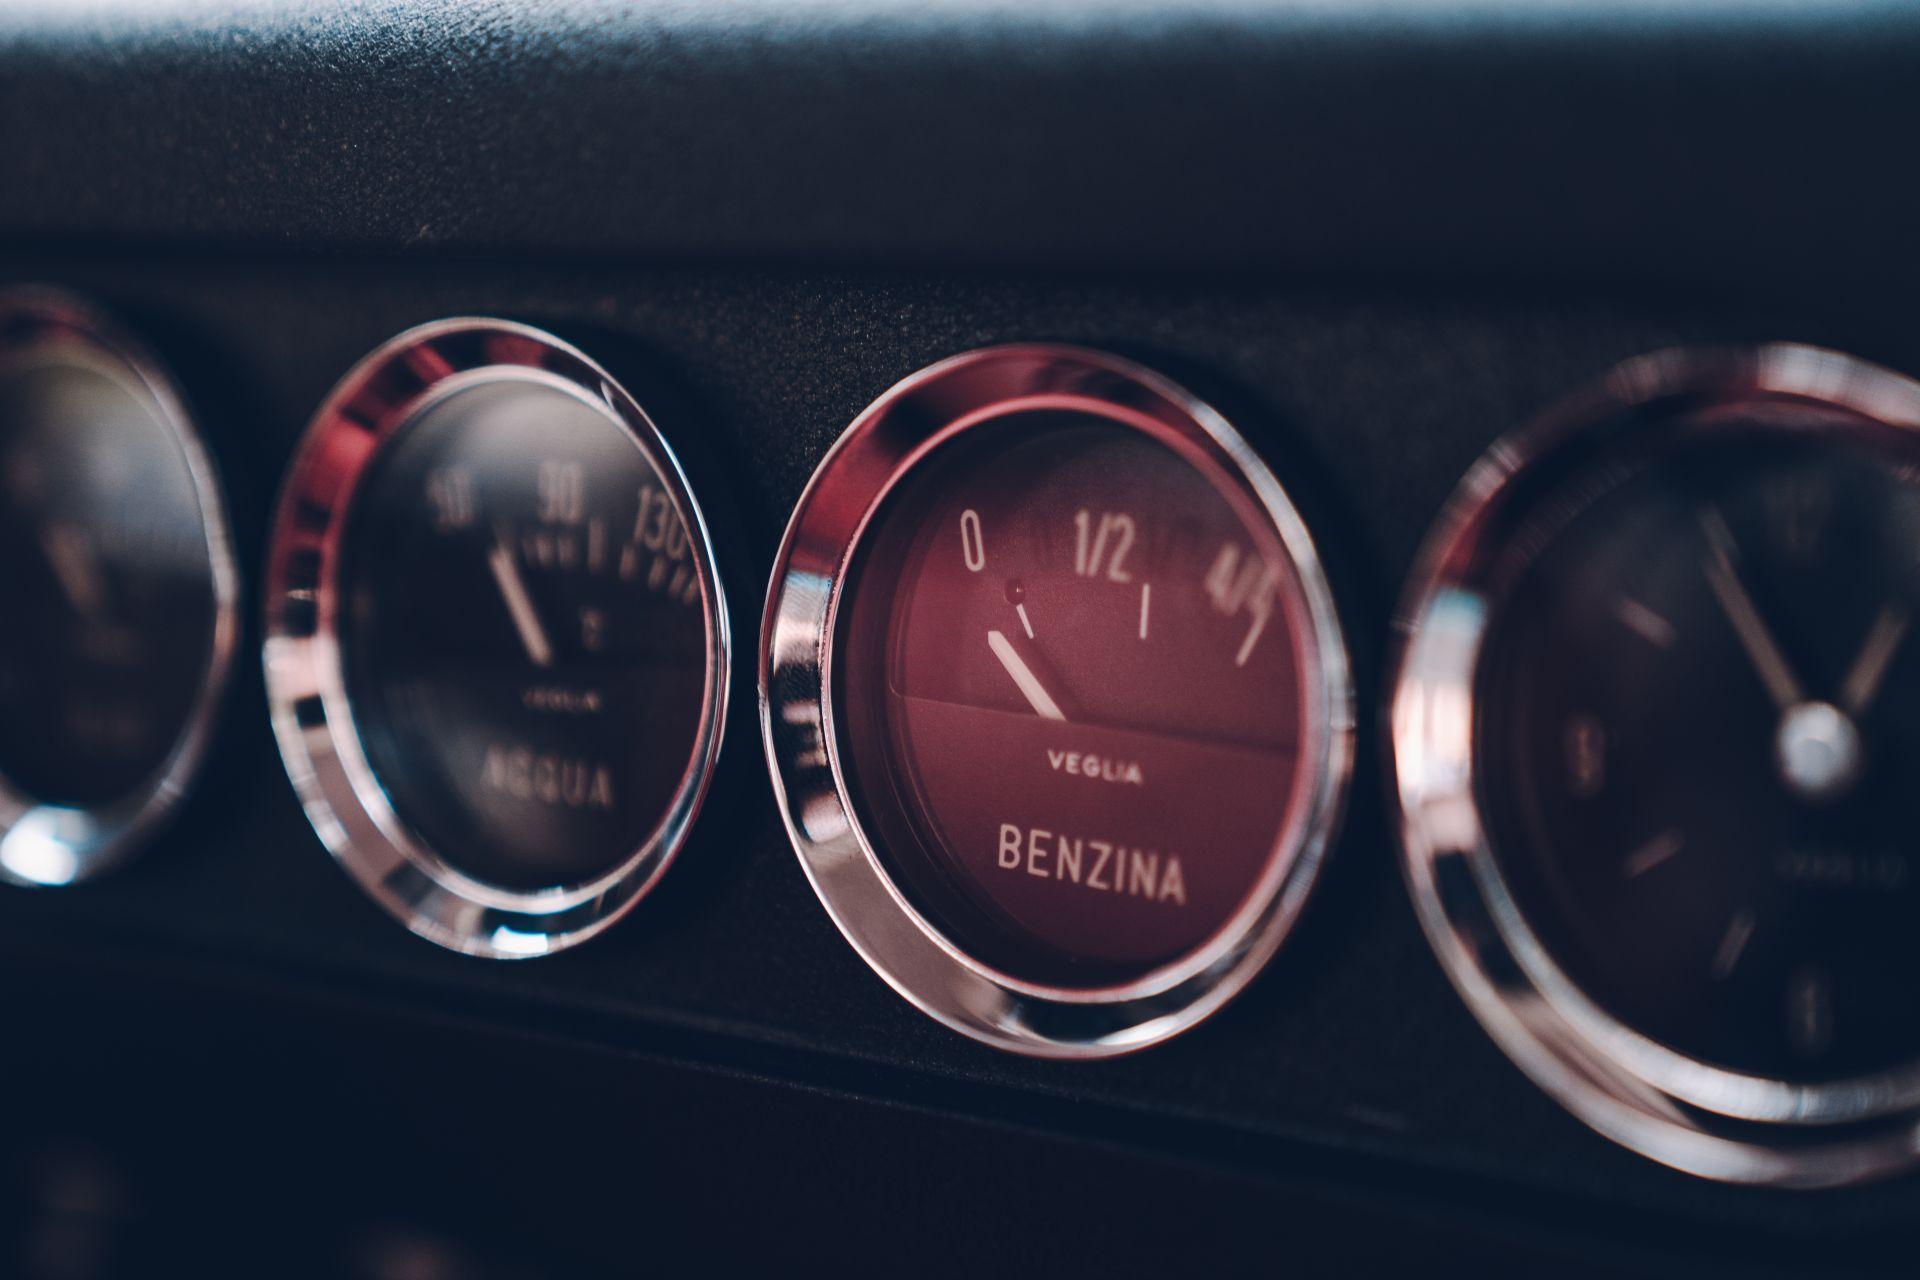 Ferrari-250-GT-SWB-Berlinetta-Competizione-Revival-by-GTO-Engineering-57